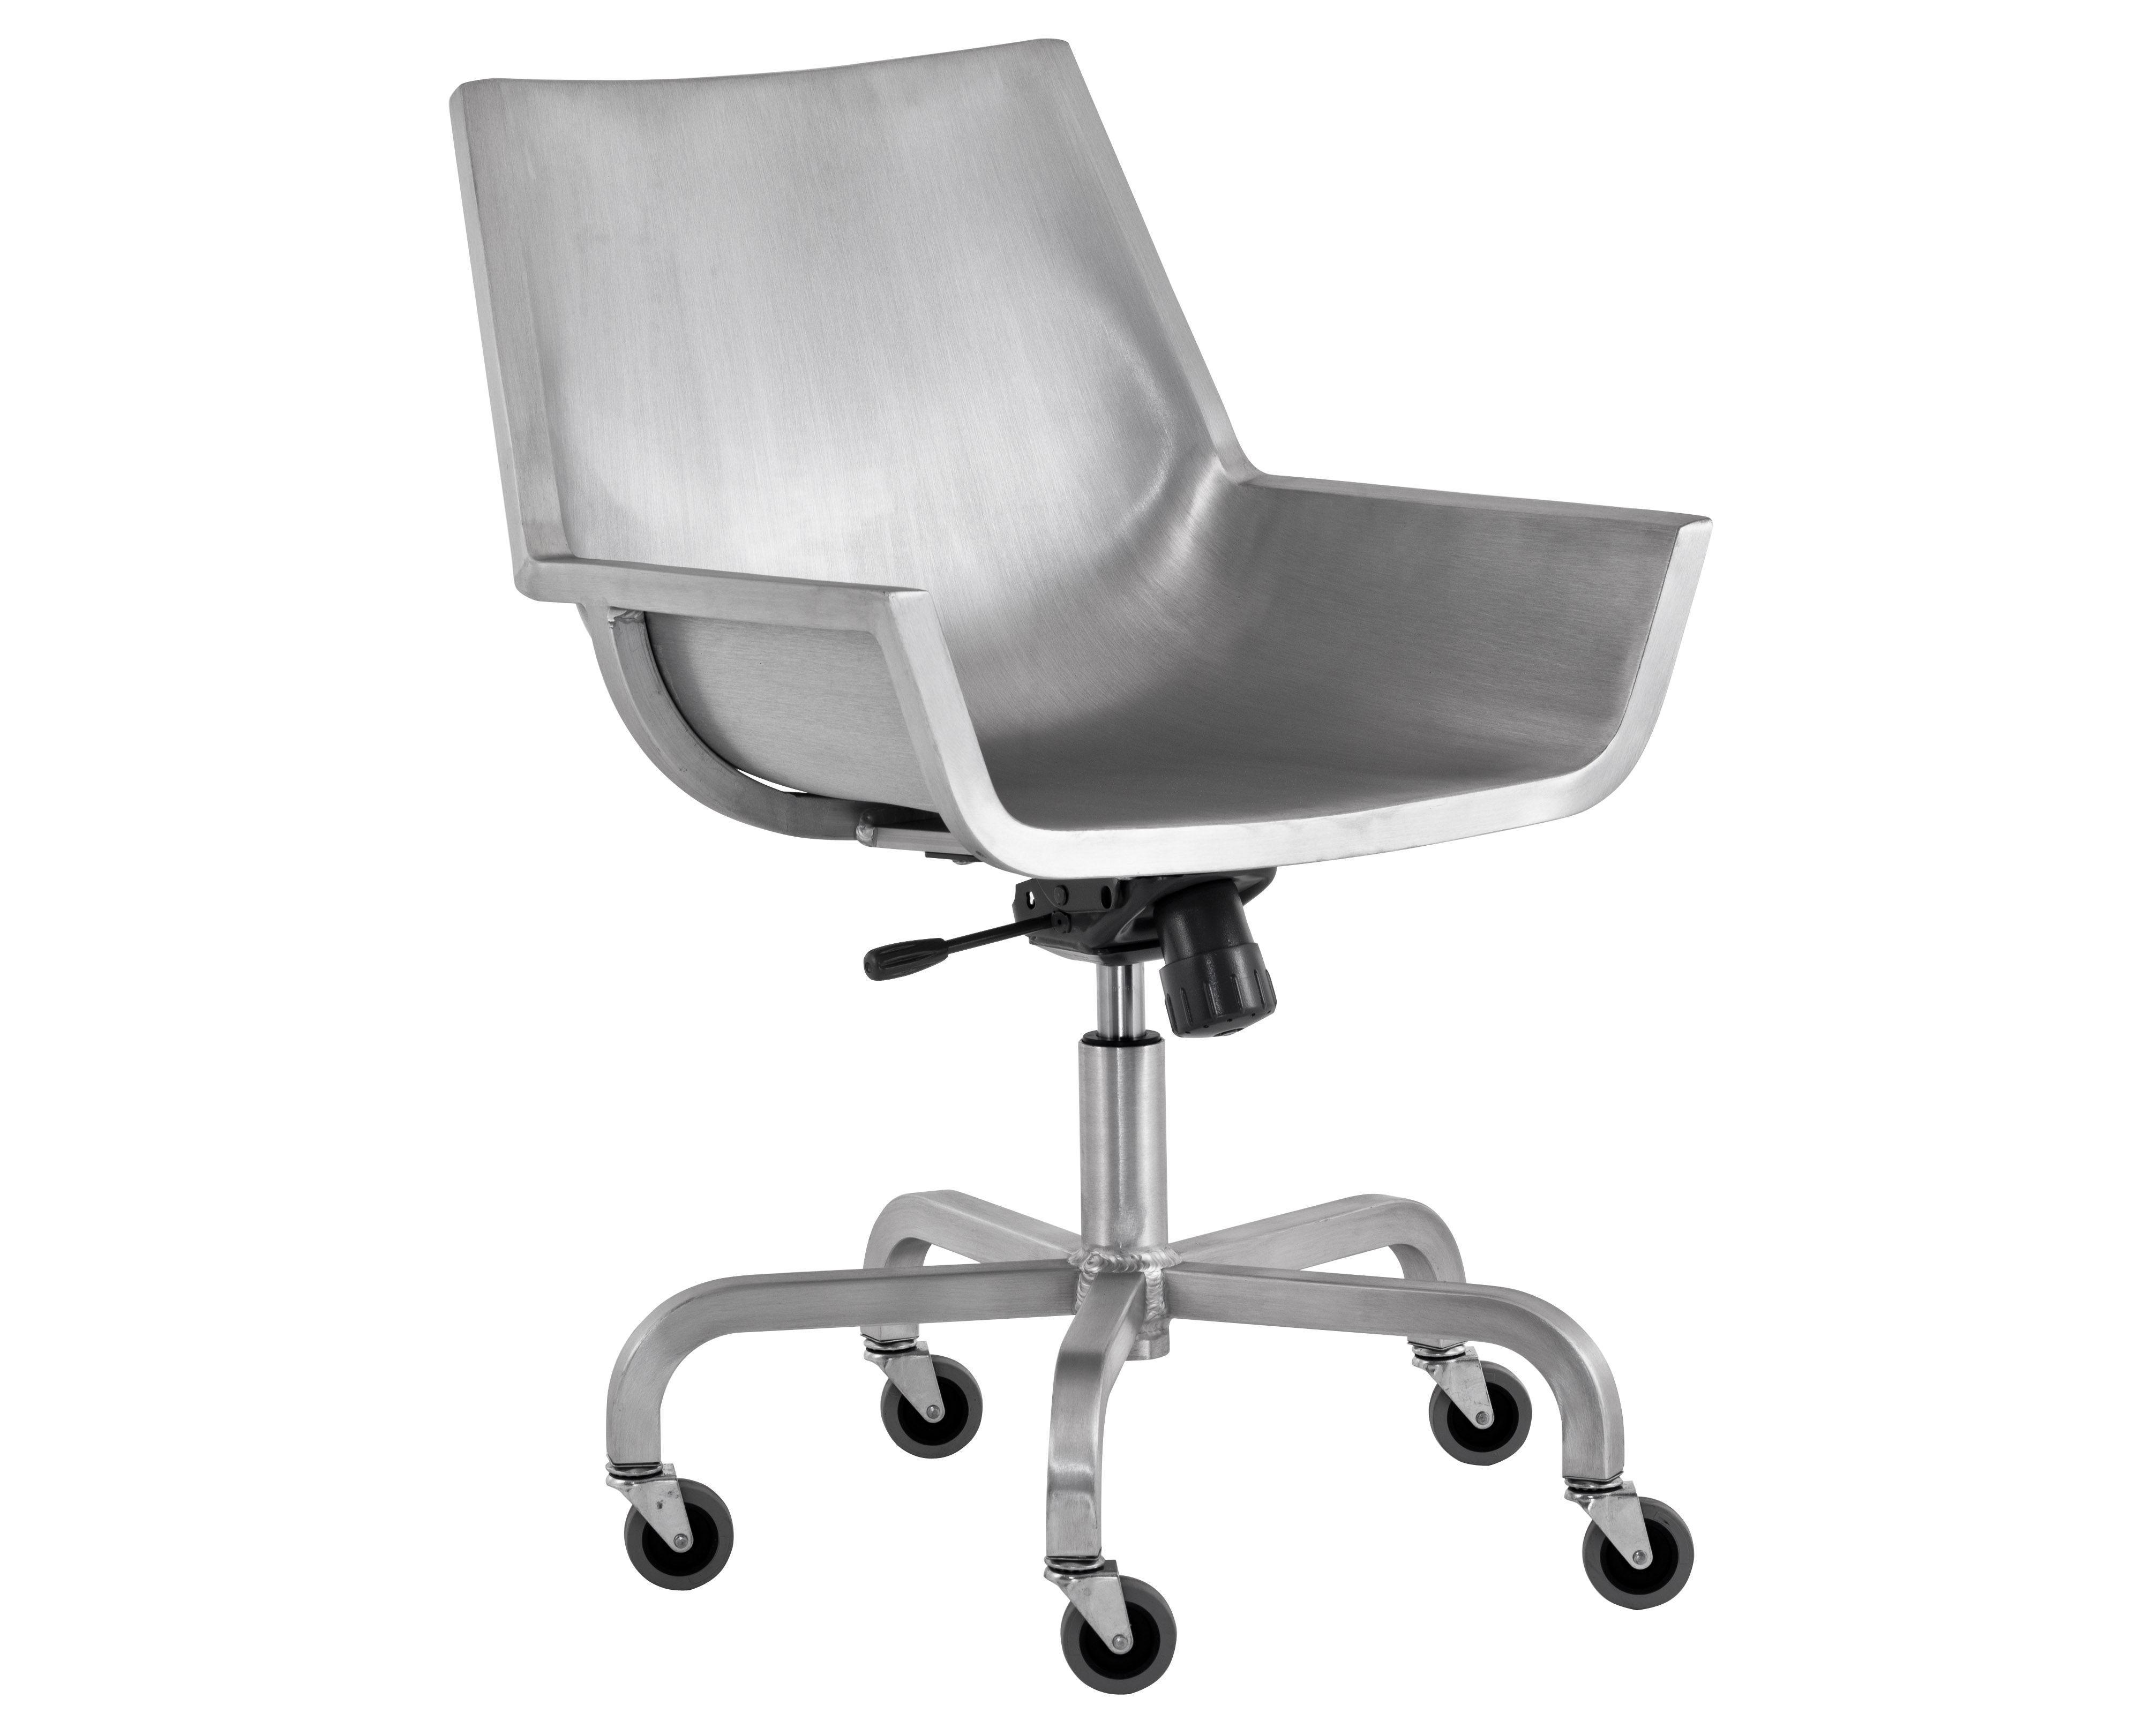 Arredamento - Sedie ufficio - Poltrona a rotelle Sezz di Emeco - Alluminio spazzolato - Aluminium recyclé finition brossé